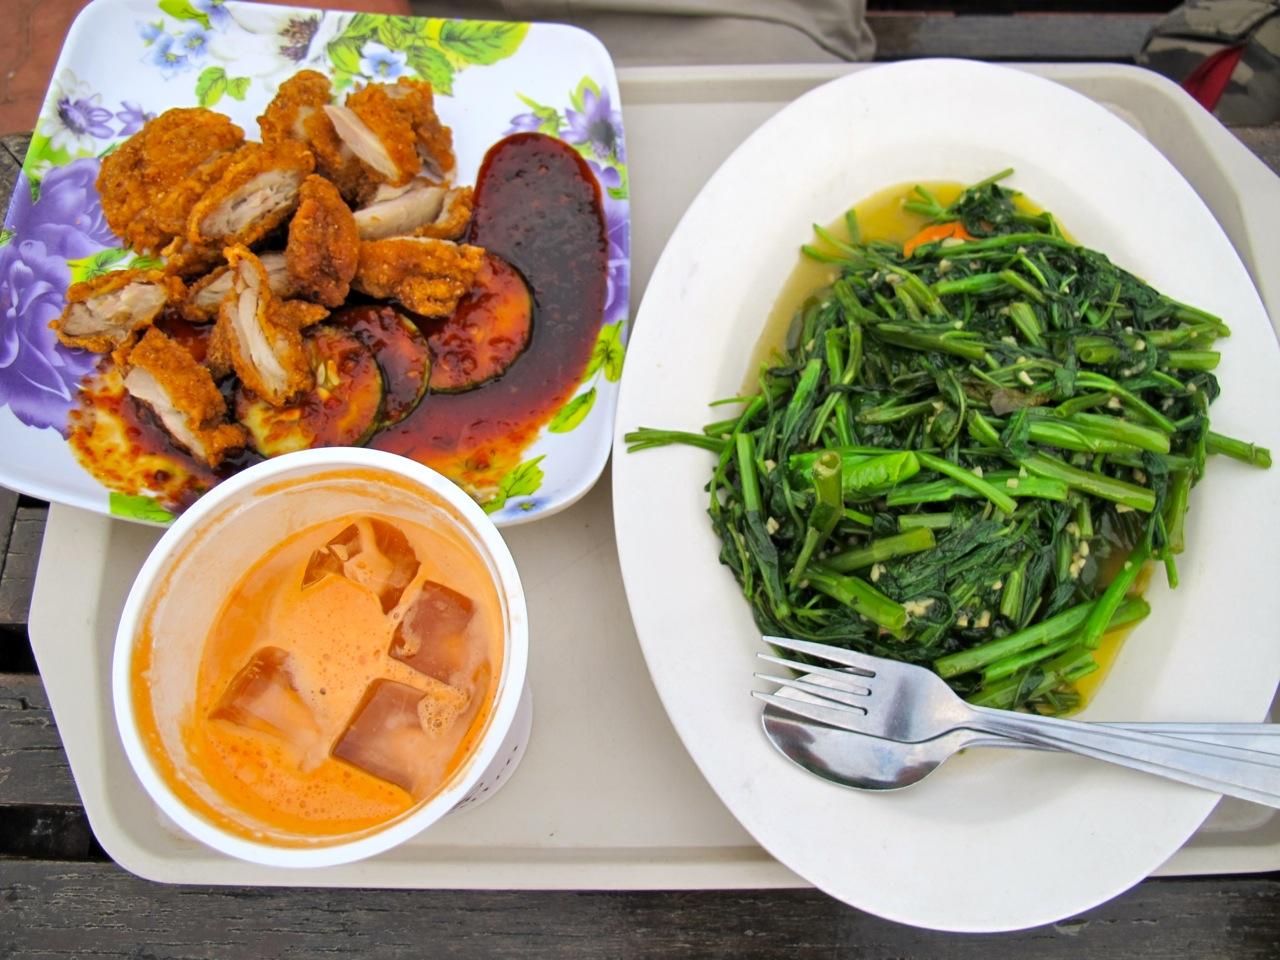 Makansutra food